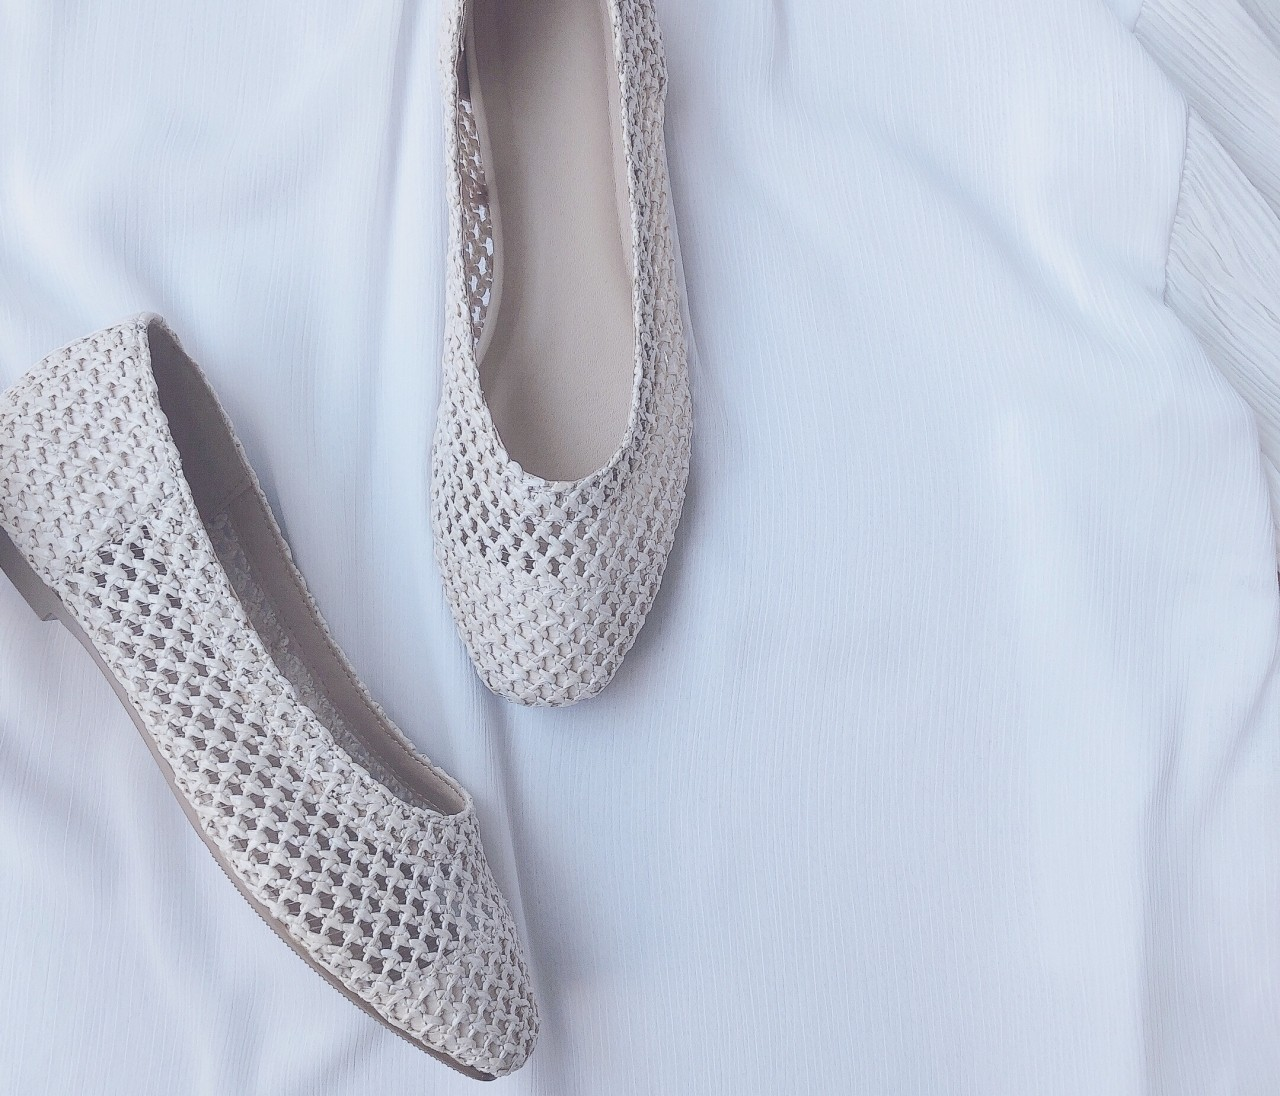 【GU春靴】履き心地最高!今季注目素材のバレエシューズ